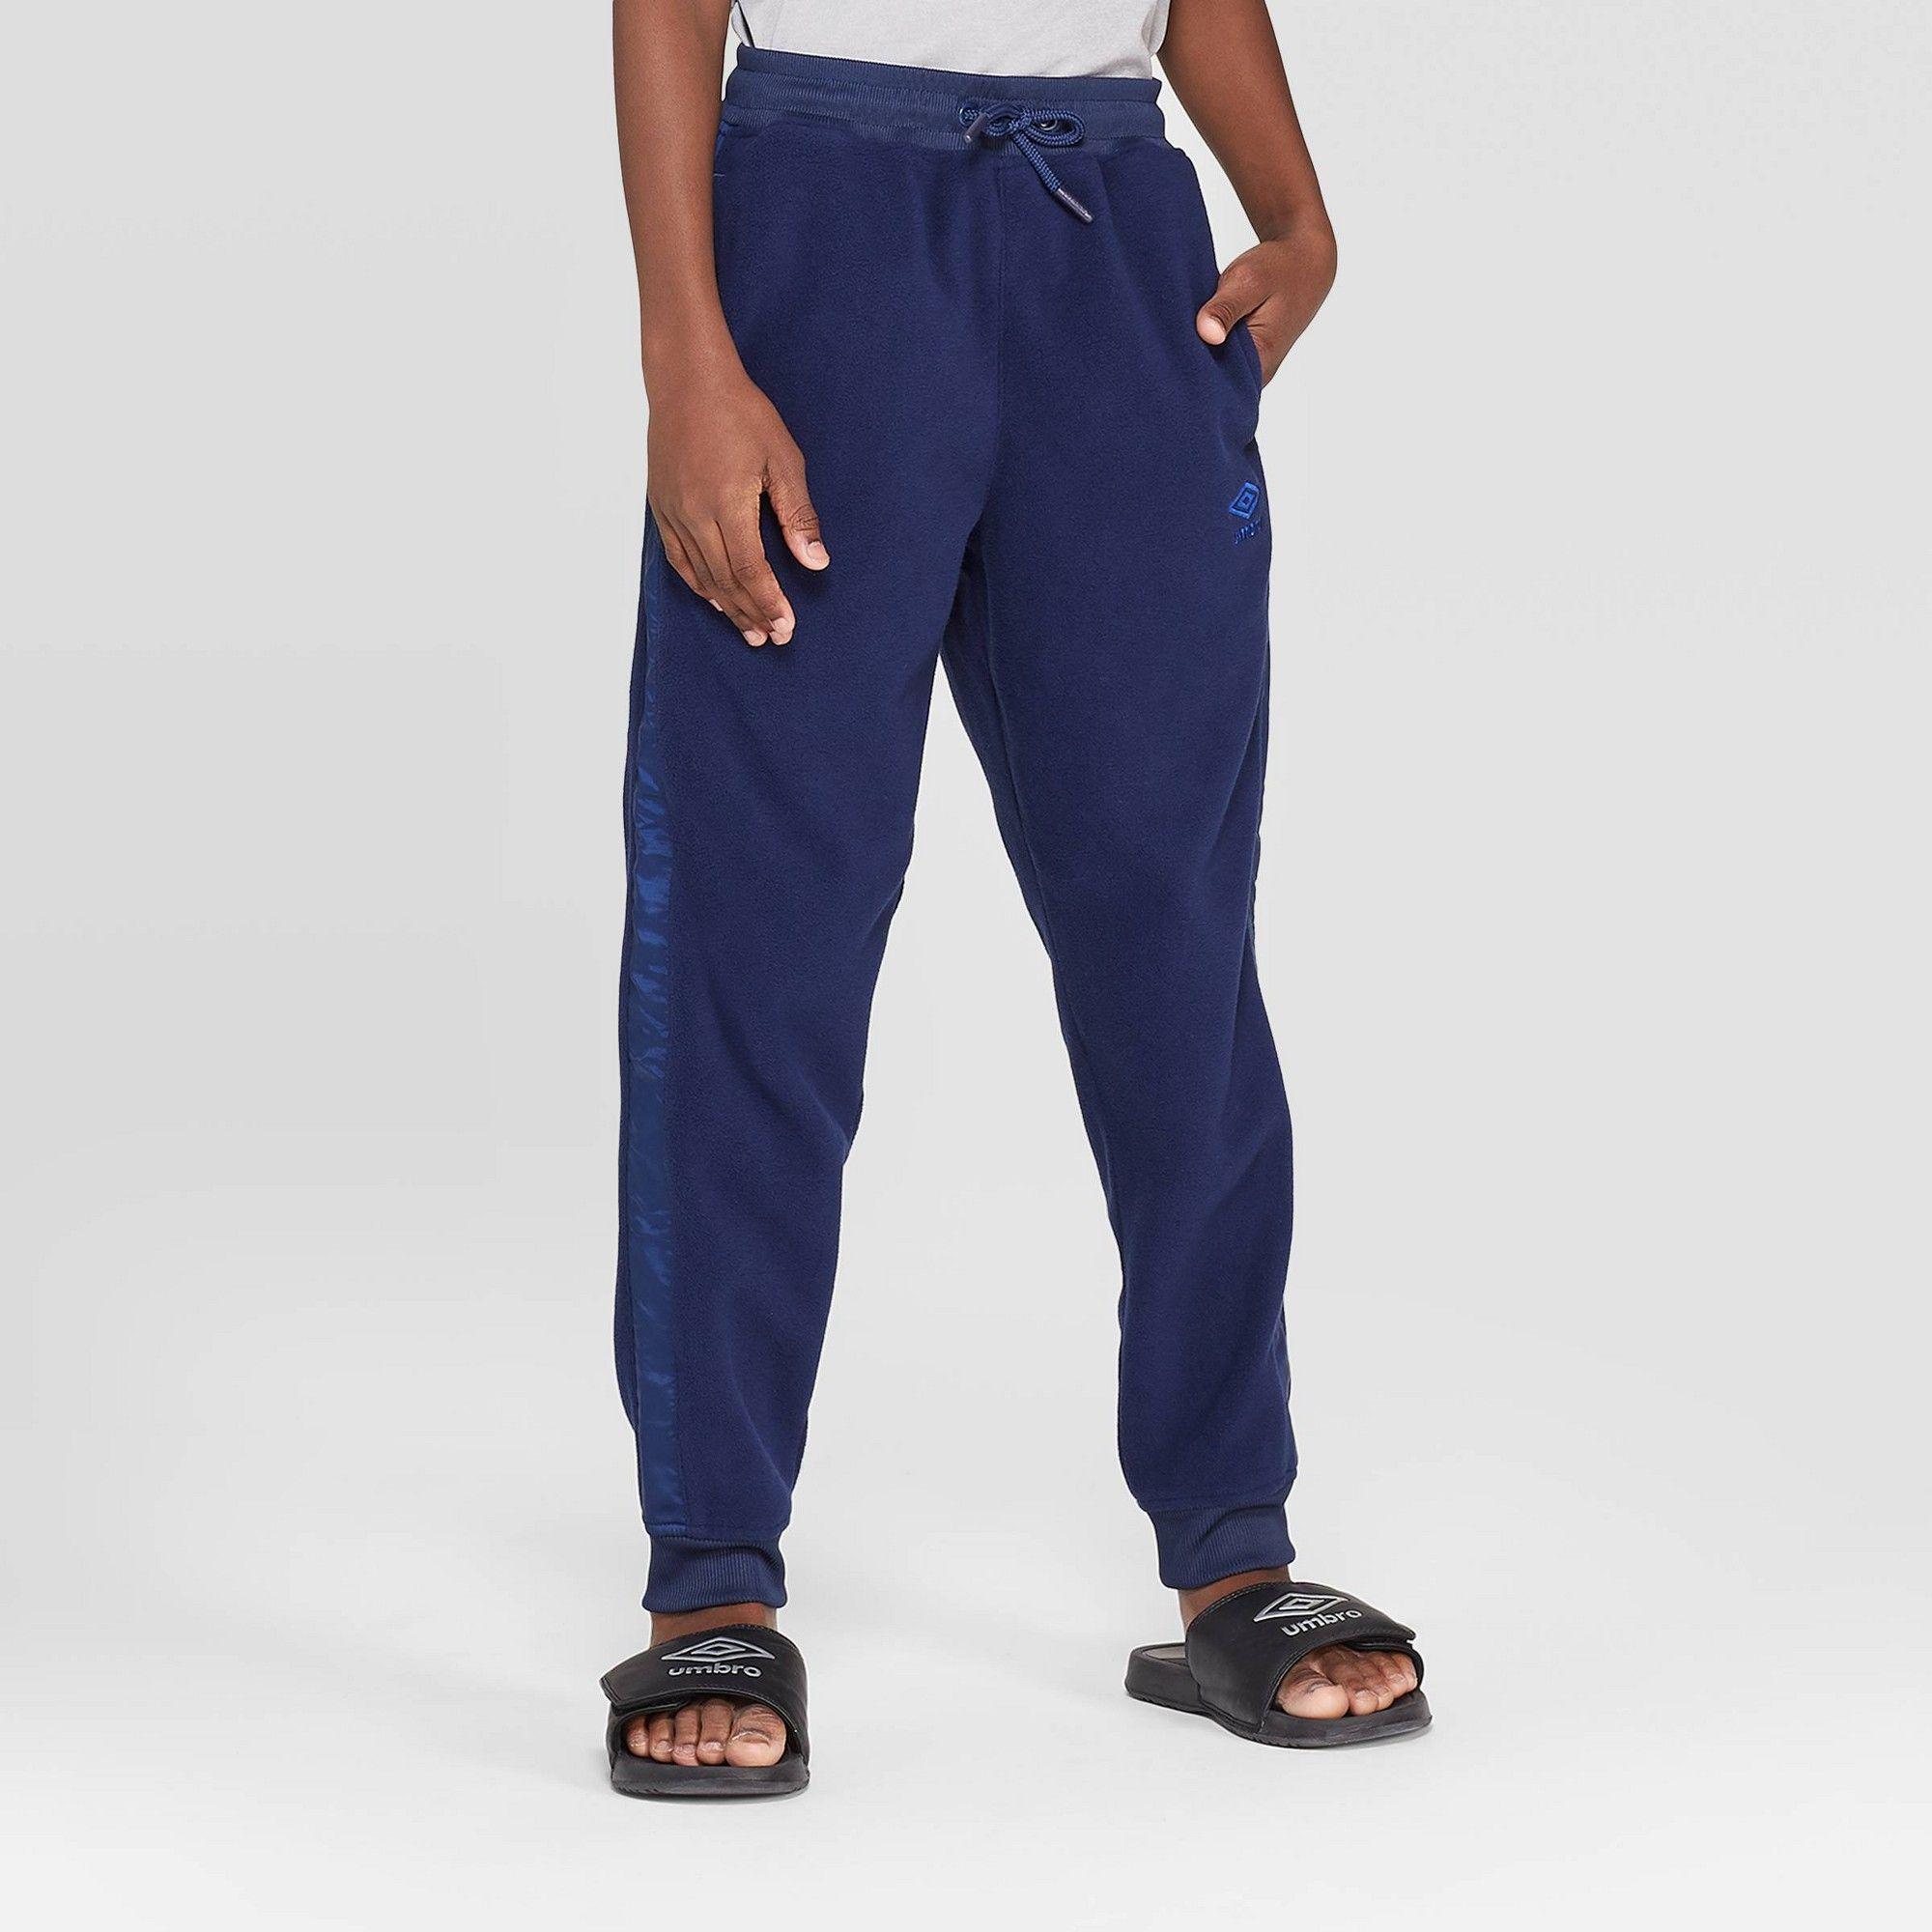 umbro men's micro fleece pants